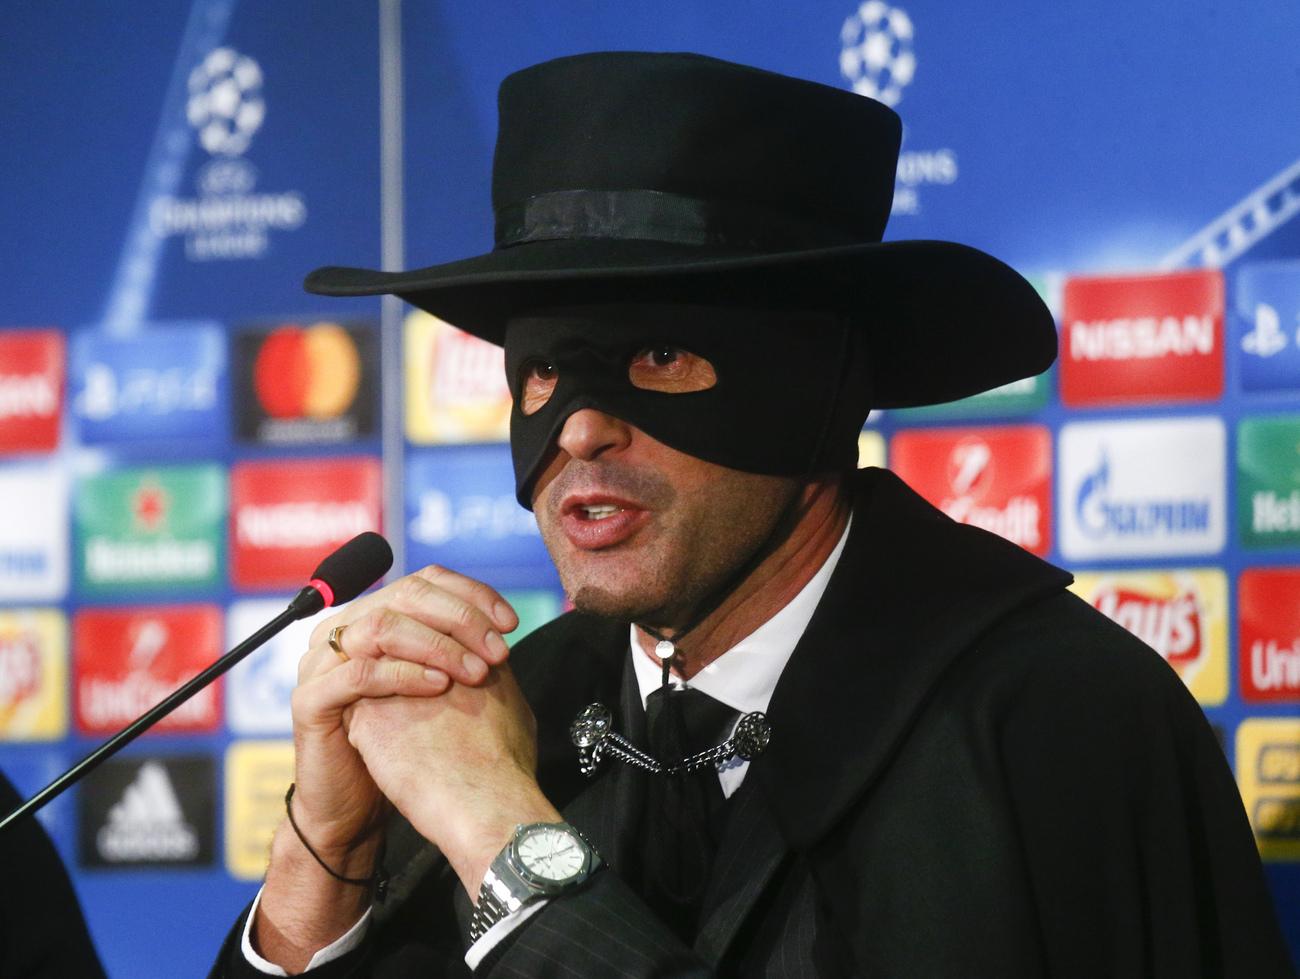 Quand Zorro débarque en conf' de presse — BUZZ DEJEUNER